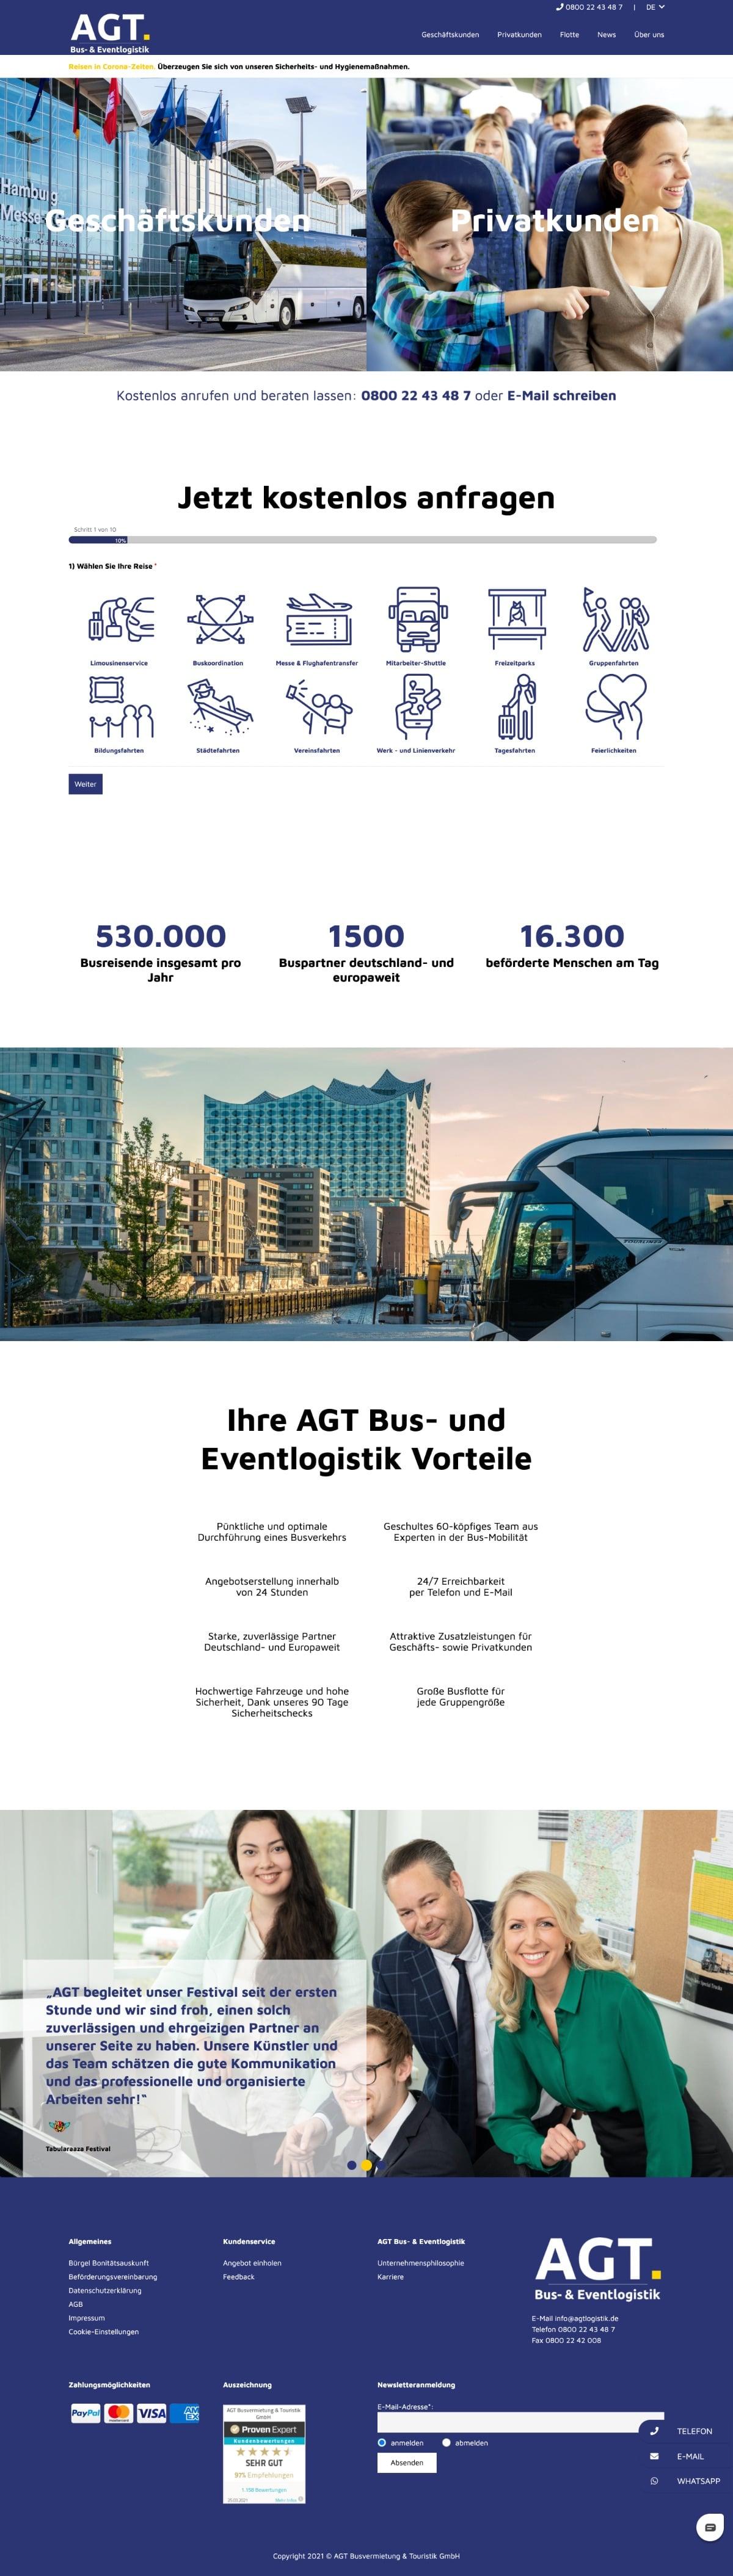 AGT Busvermietung - Website